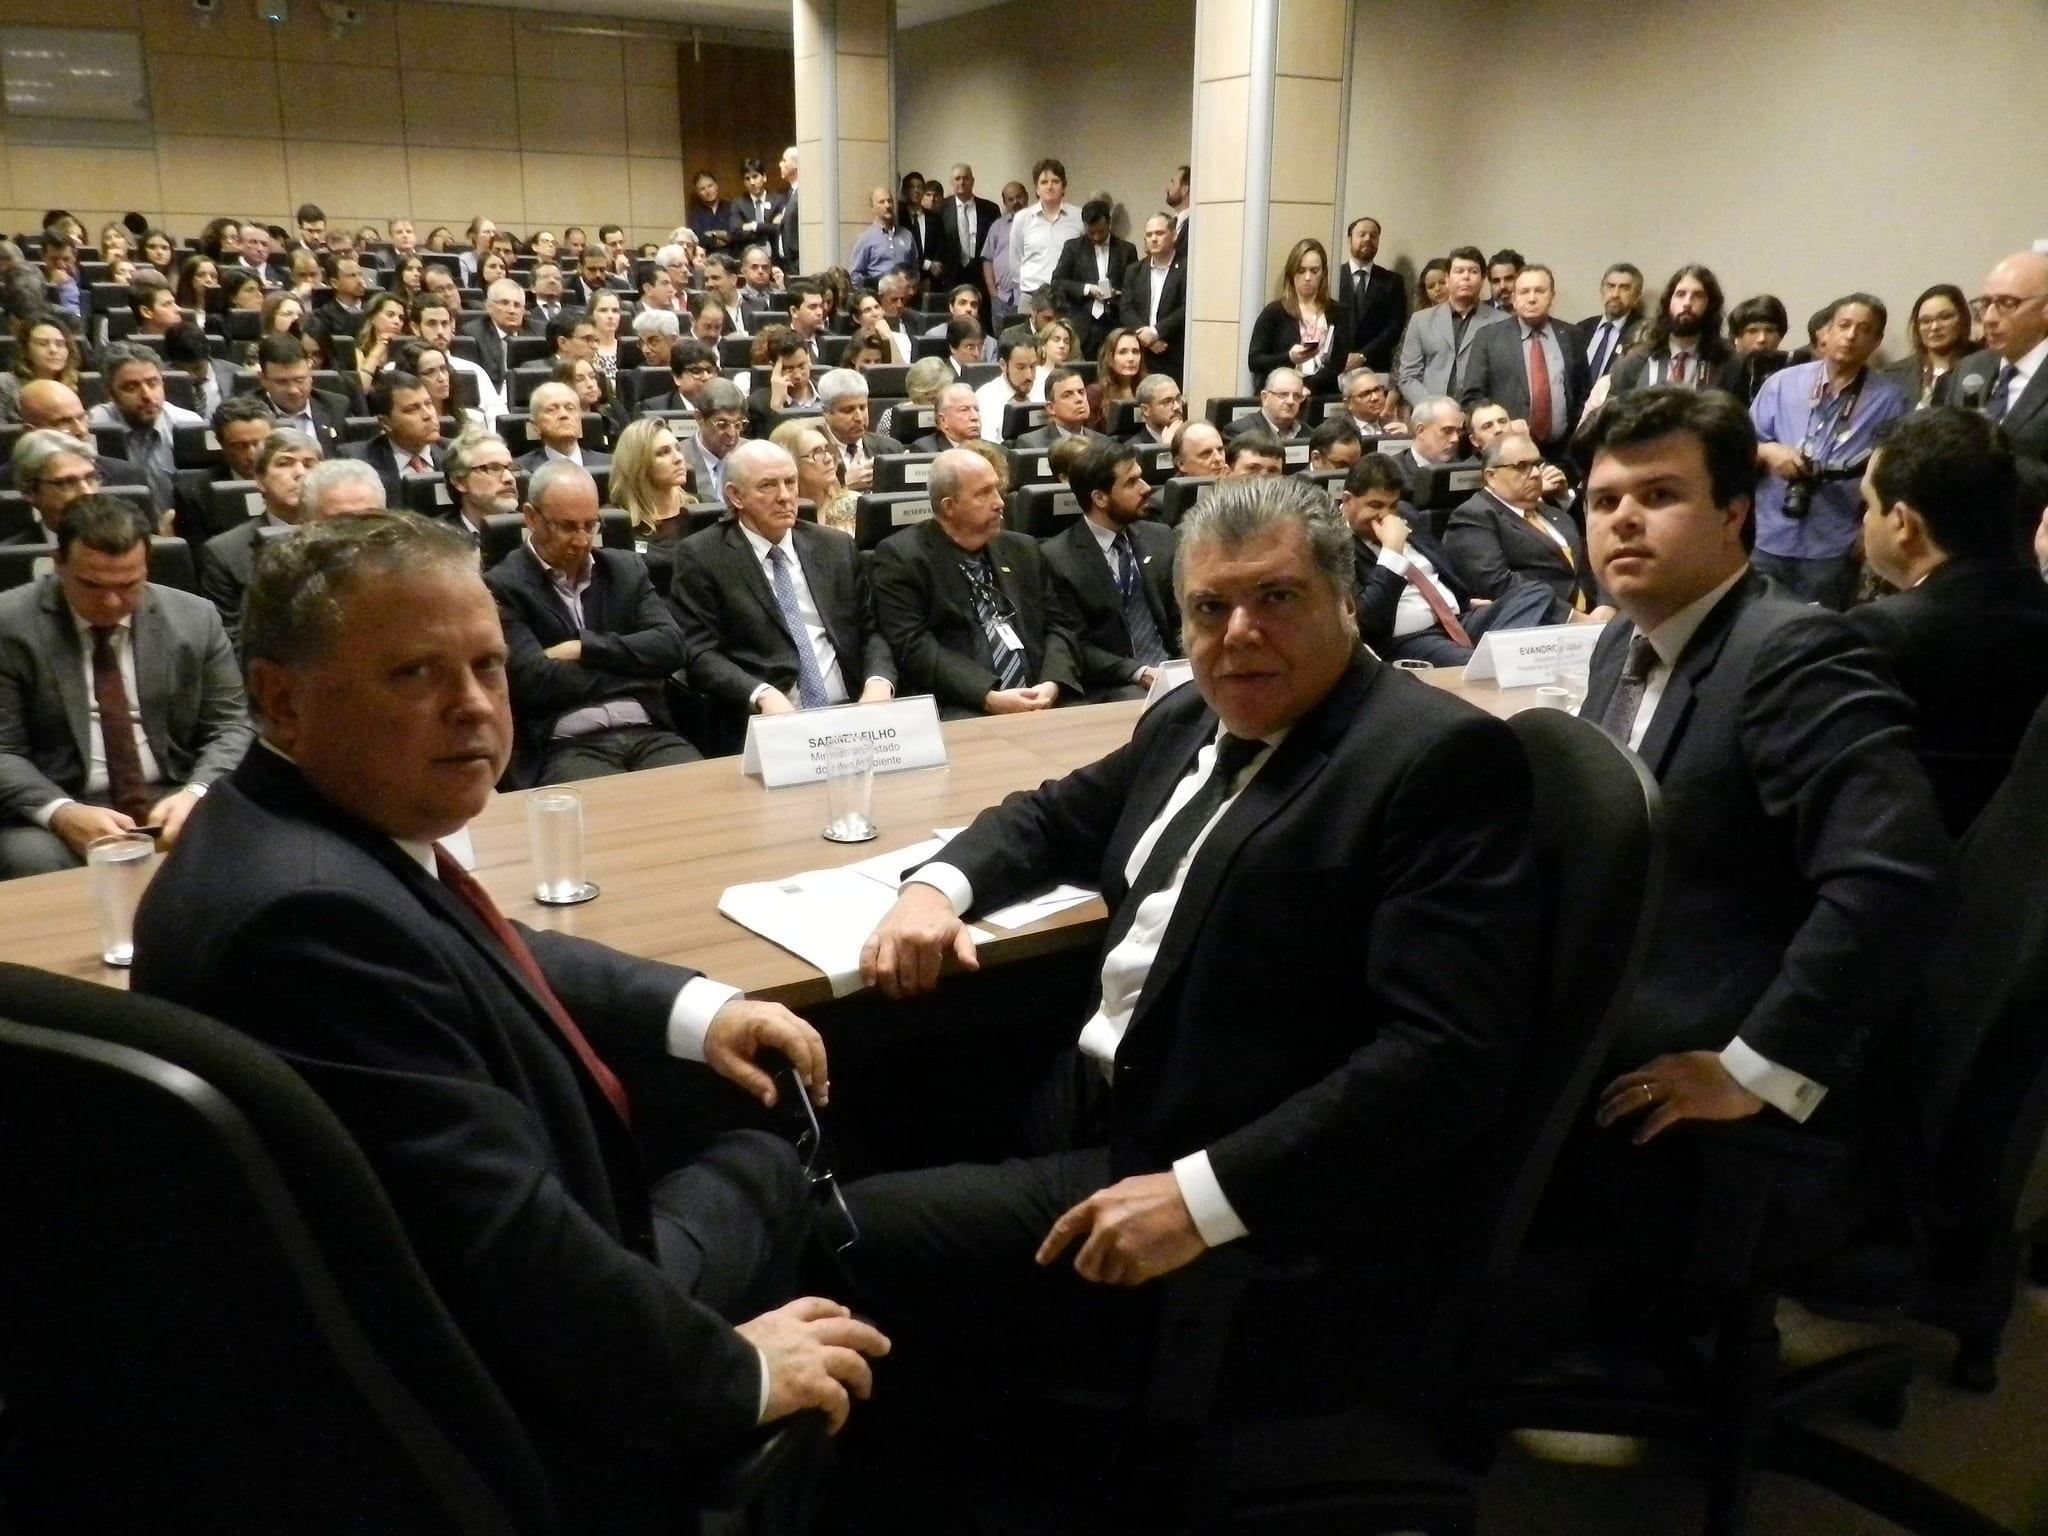 Ministro Sarney Filho, juntamente com os ministros Fernando Coelho Filho (Minas e Energia) e Blairo Maggi (Agricultura), apresenta política para biocombustíveis. Foto: Paulo de Araújo/MMA